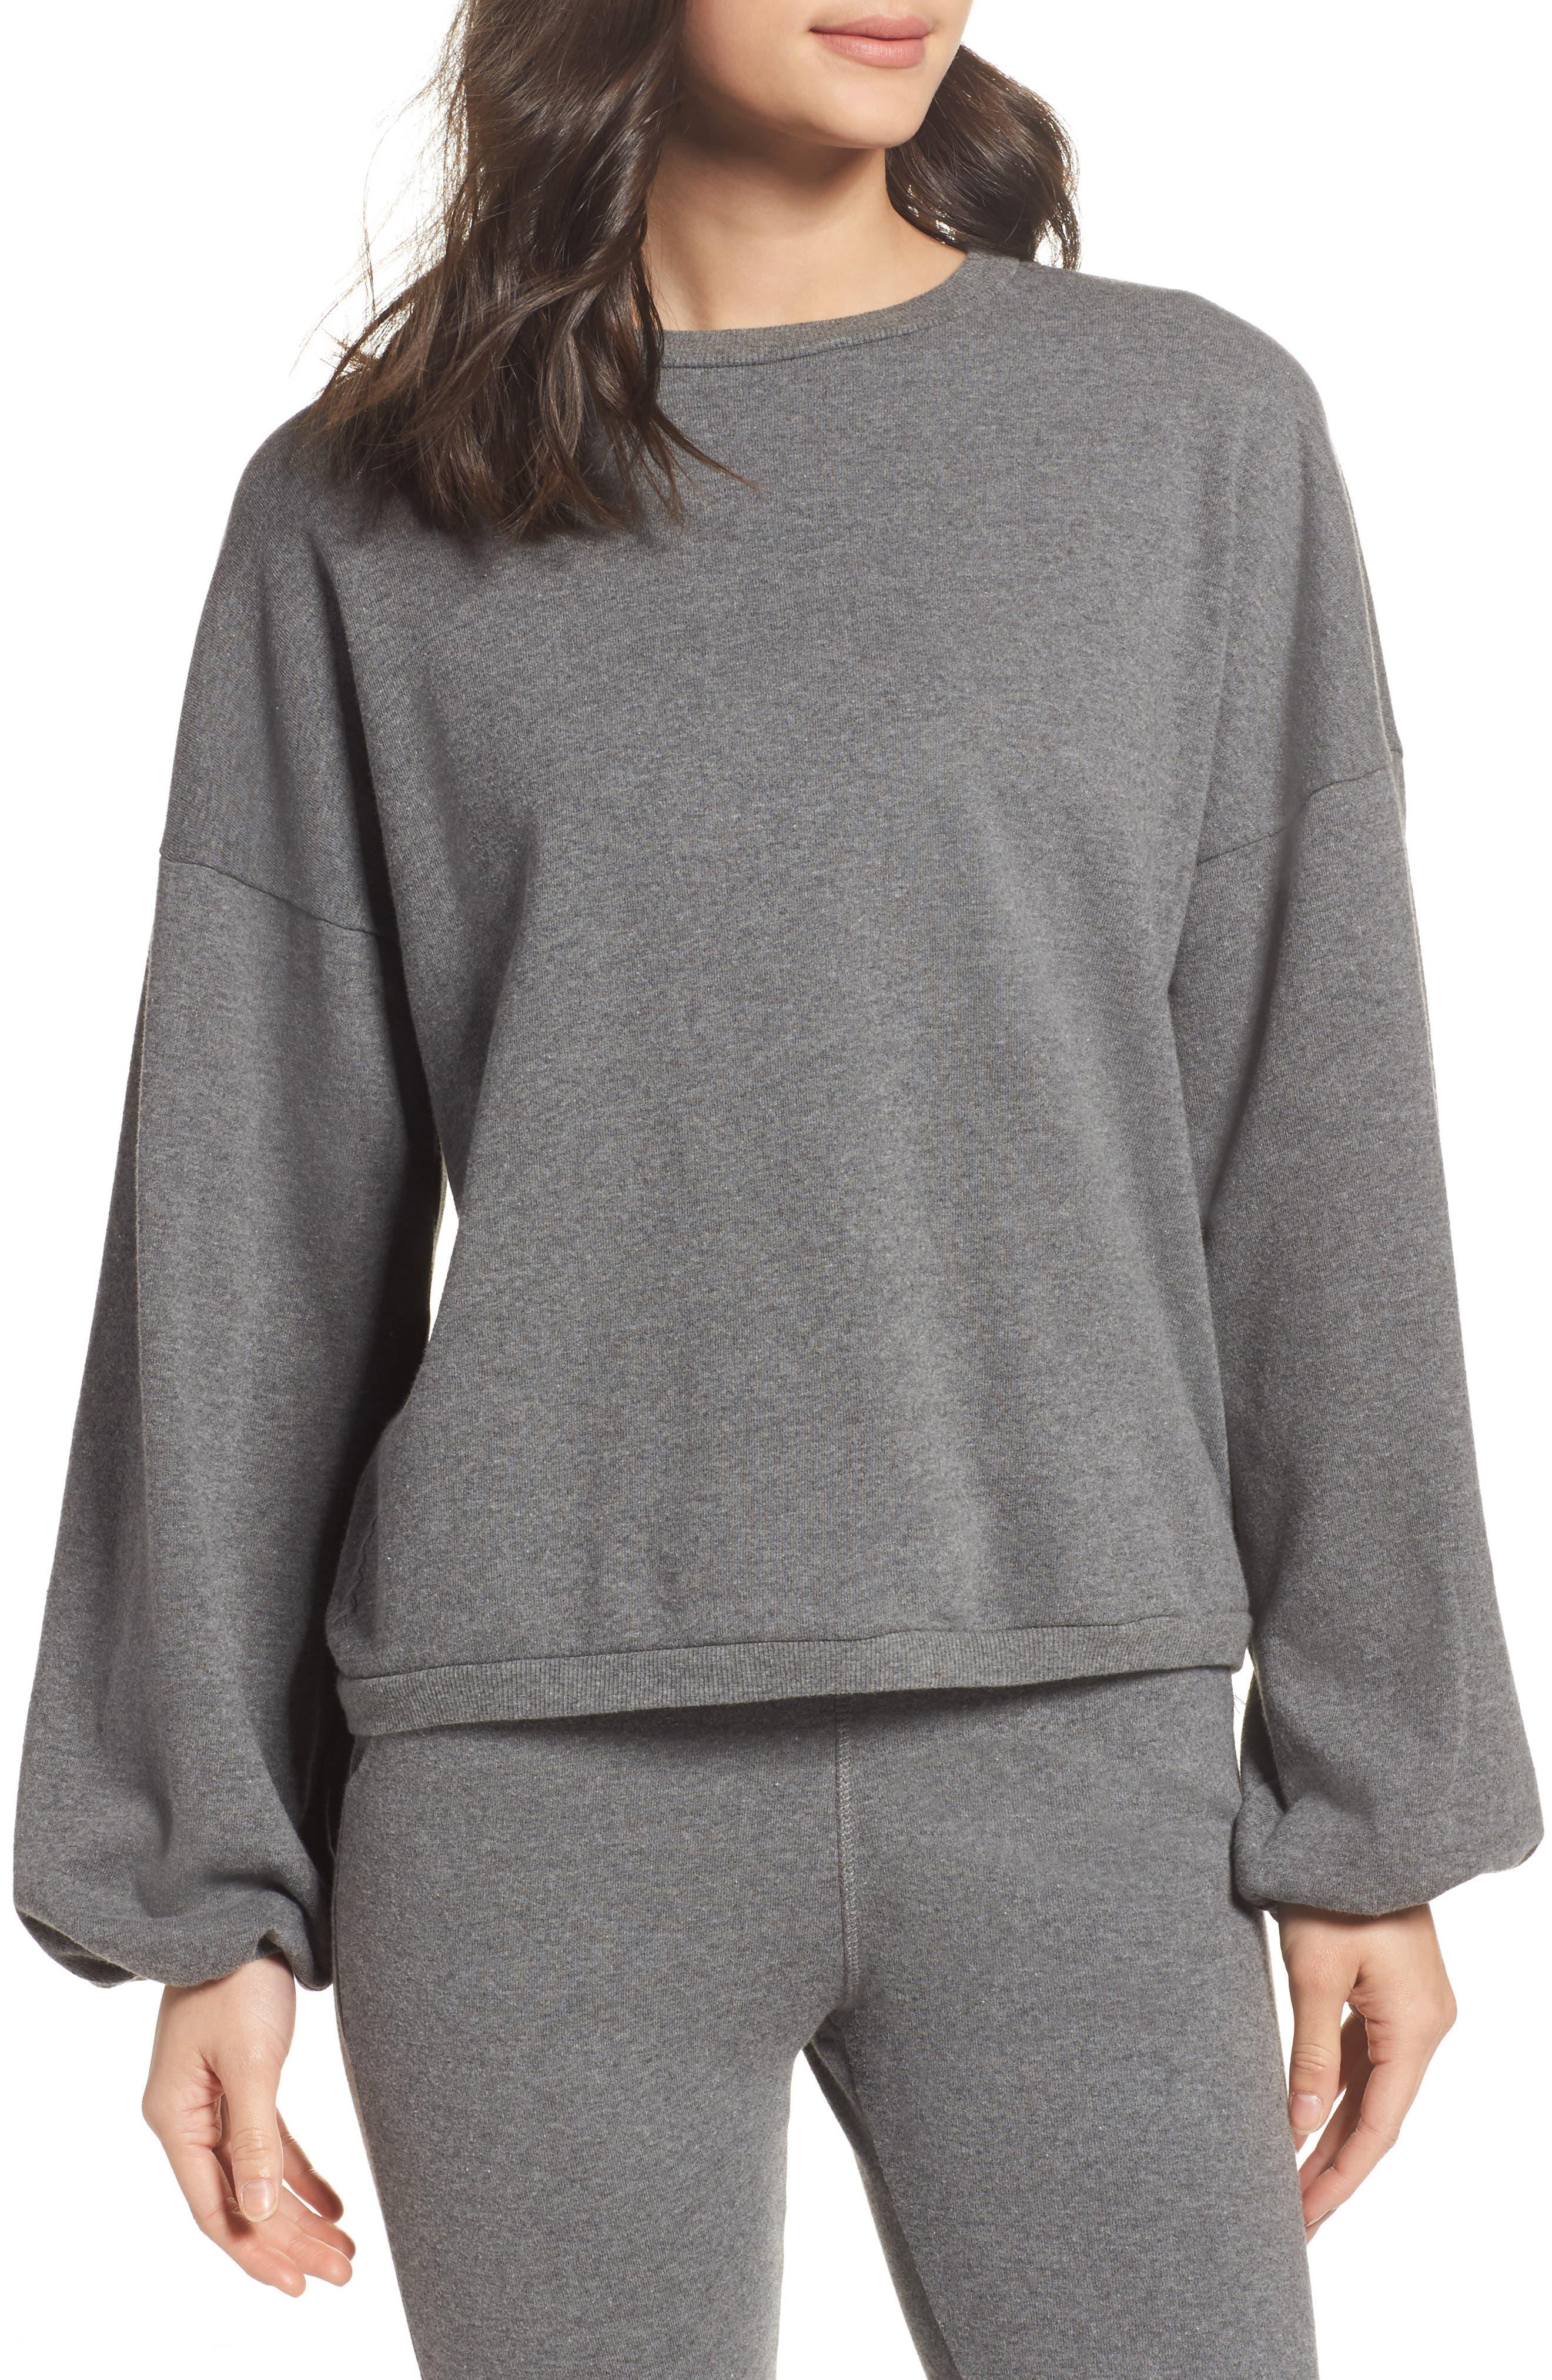 Main Image - Ragdoll Puff Sleeve Sweatshirt